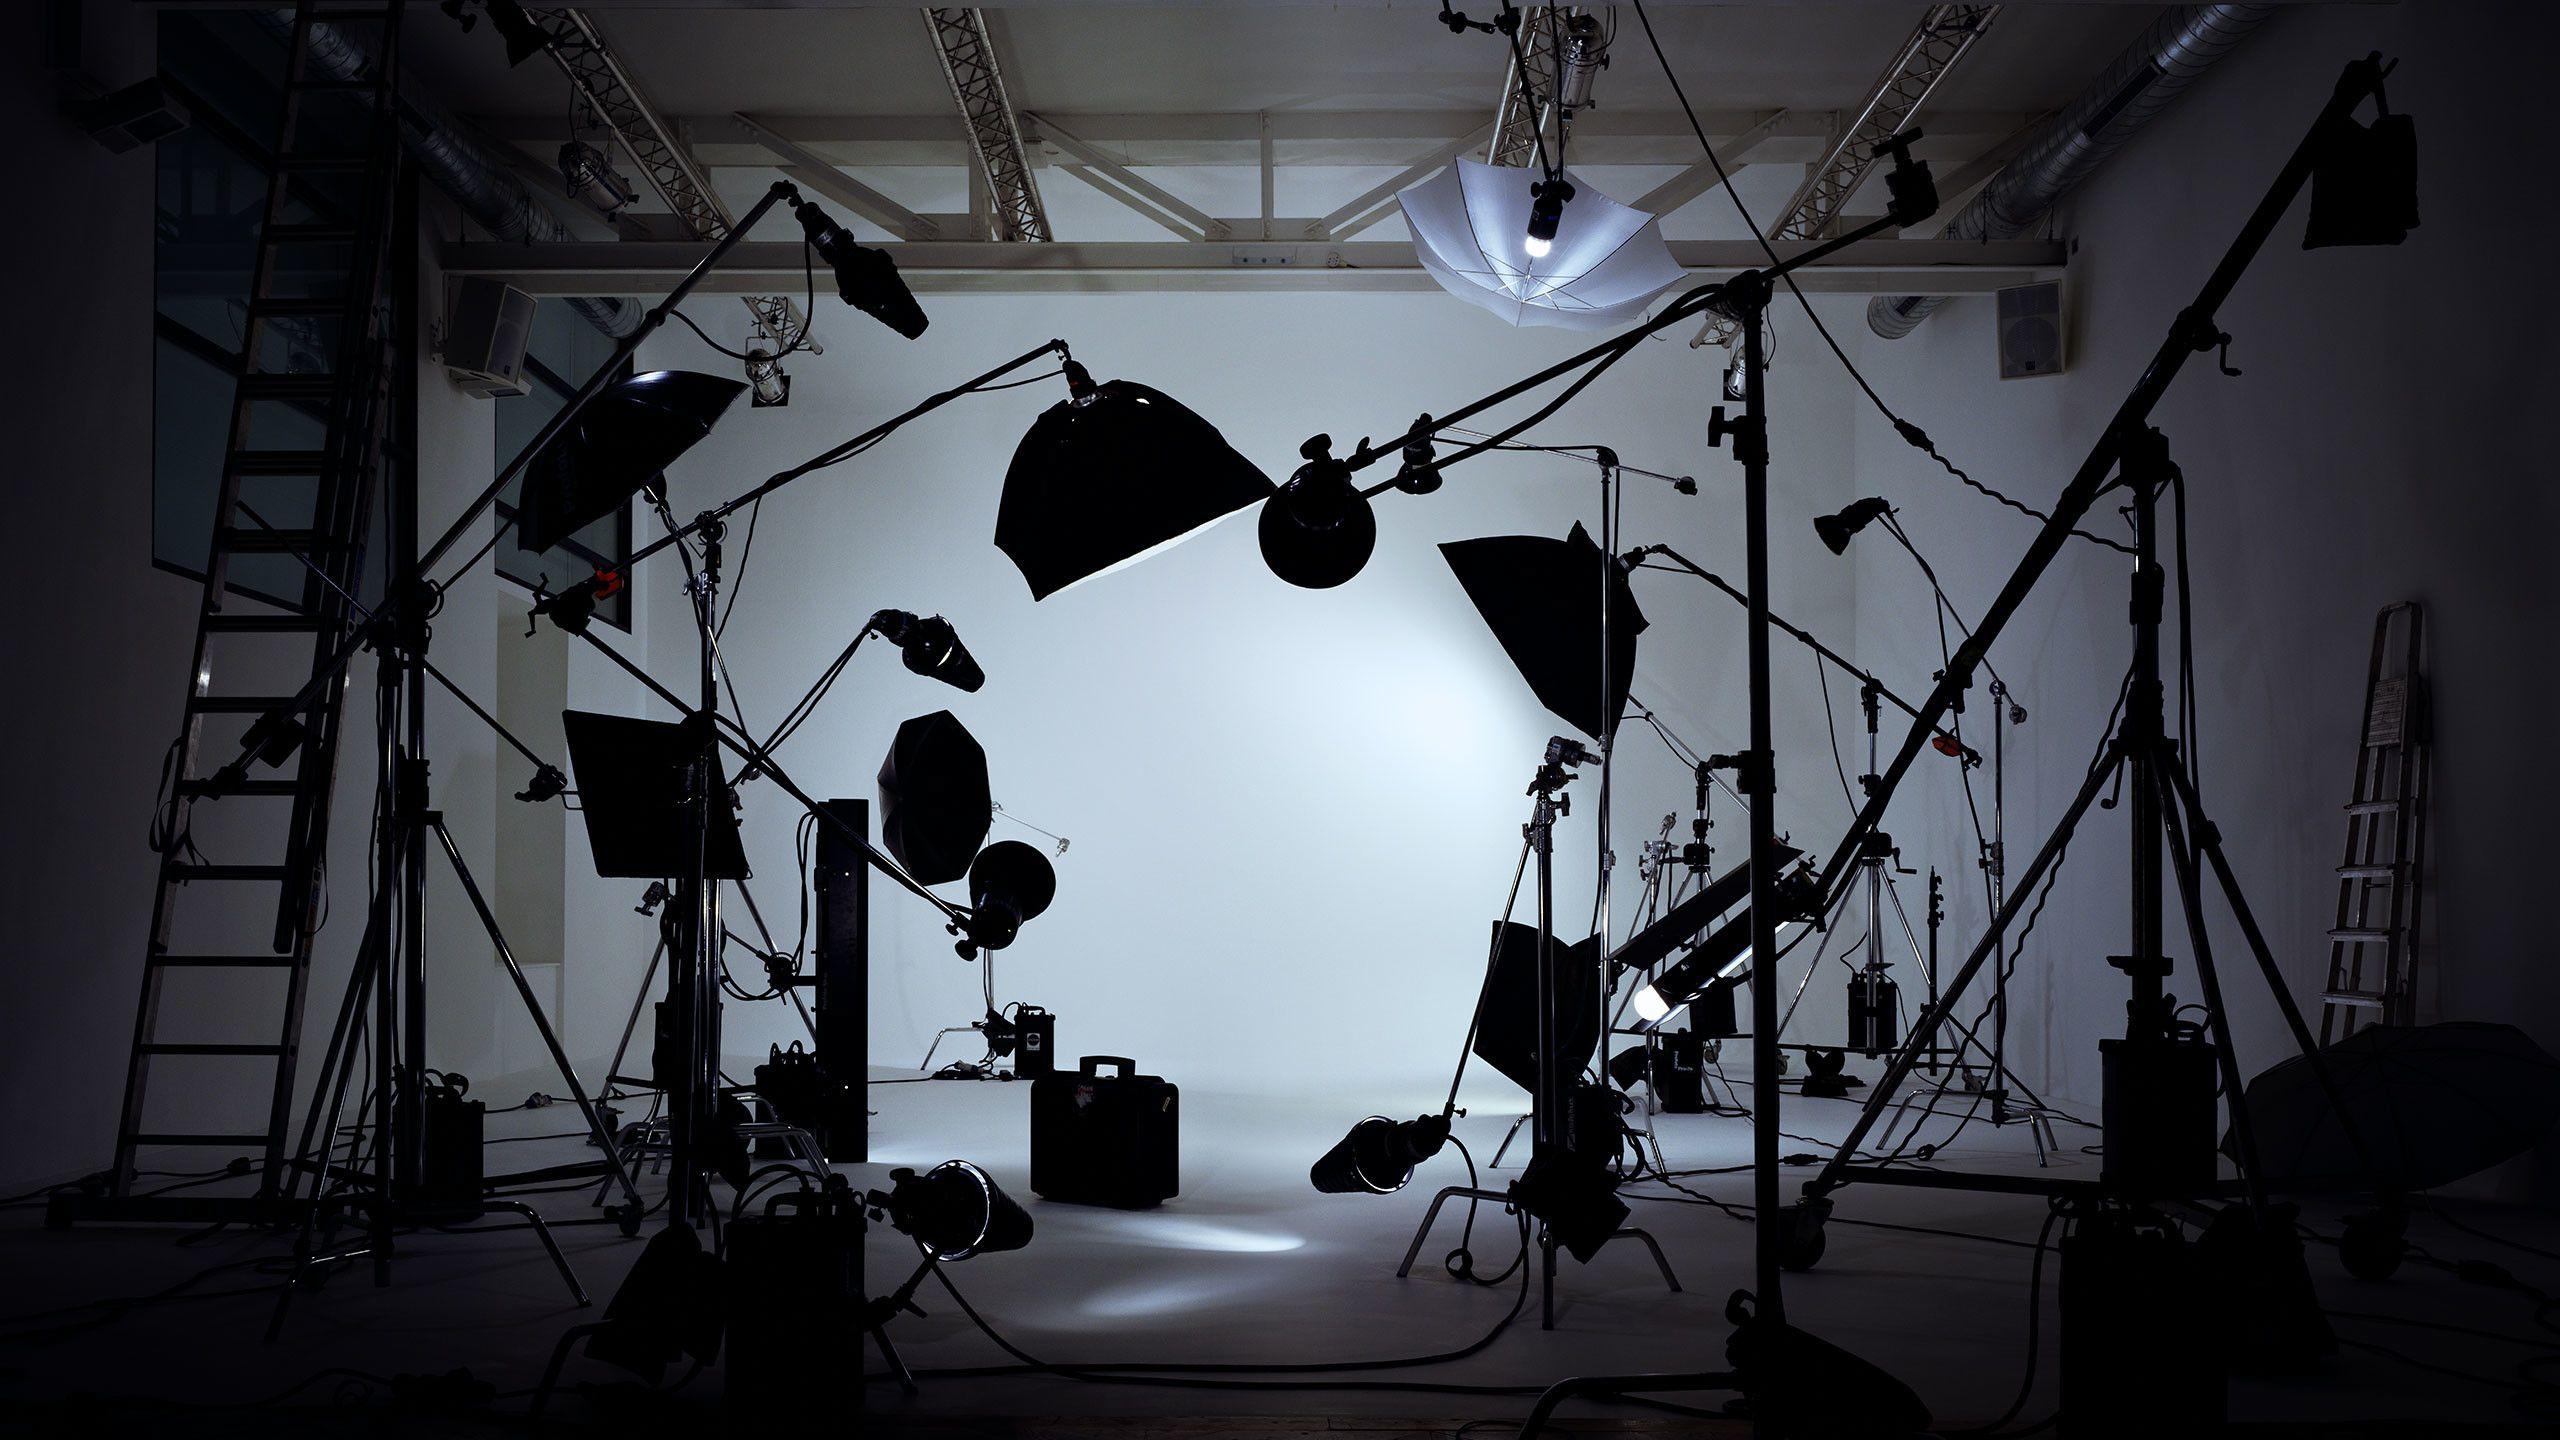 Film Studio Wallpapers   Top Film Studio Backgrounds 2560x1440